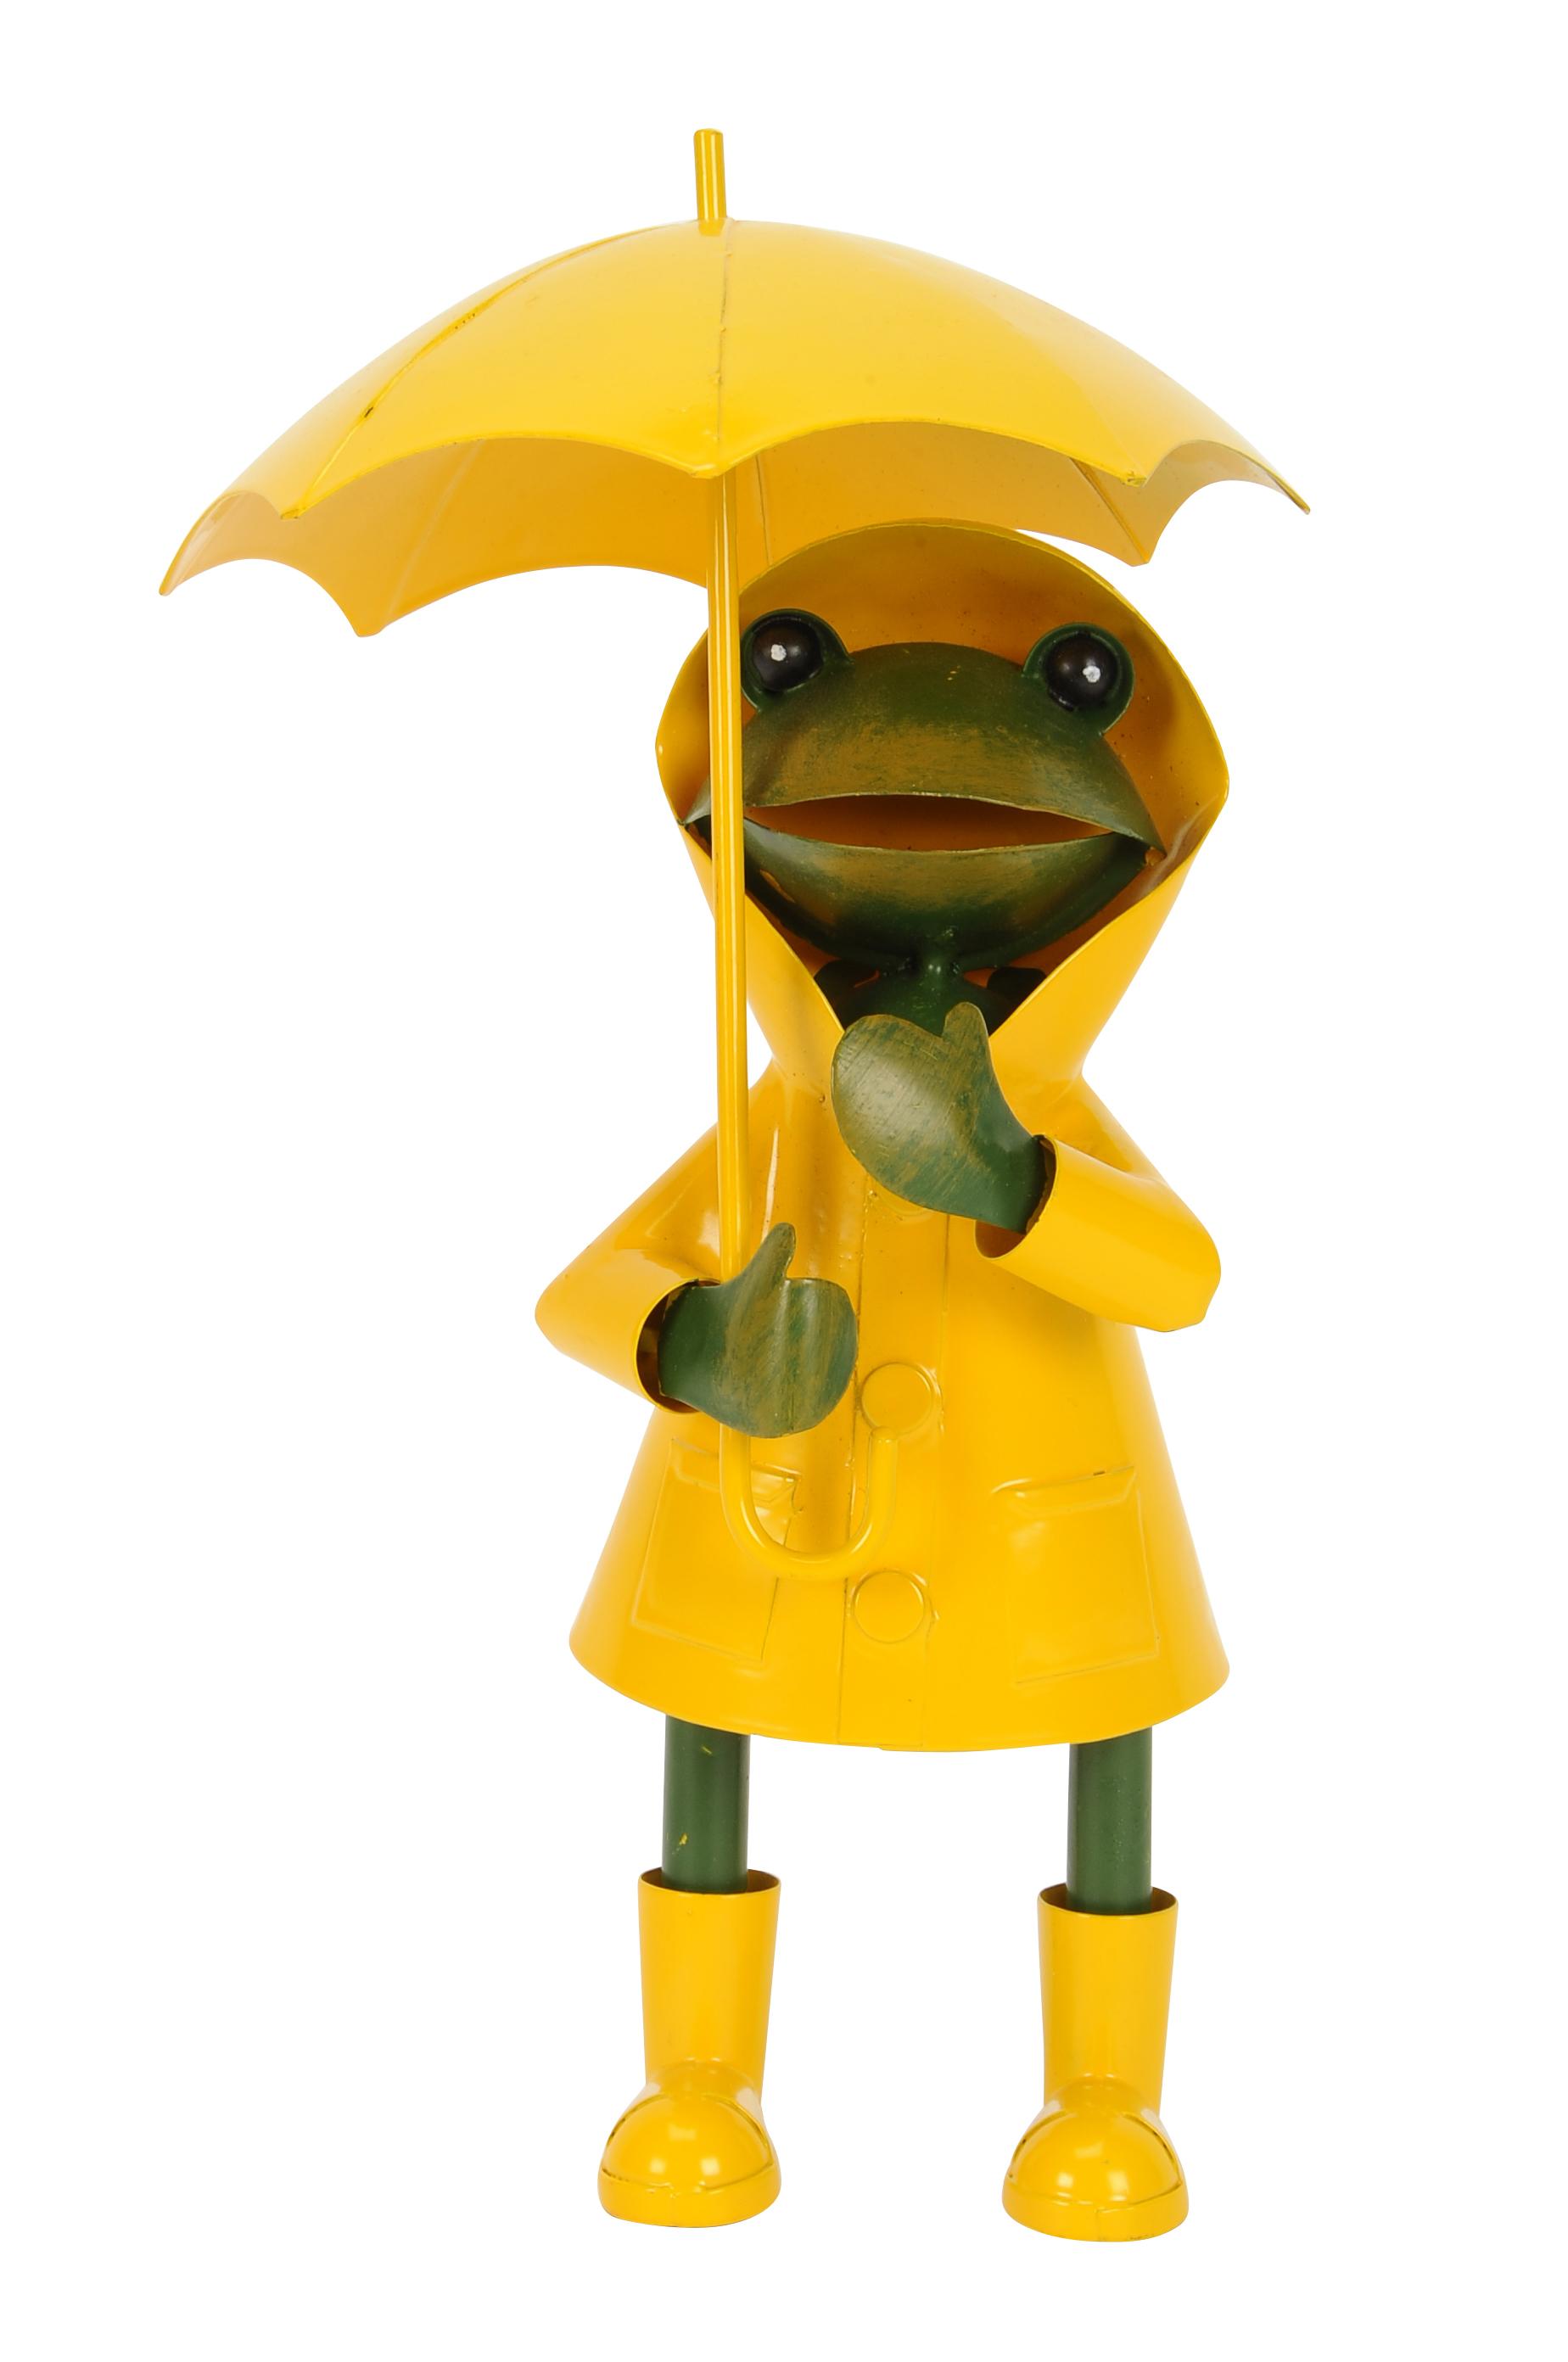 Frosch Regenmantel gelb Frosch Gießkanne Frosch Kanne Zaunhocker Frosch gelb